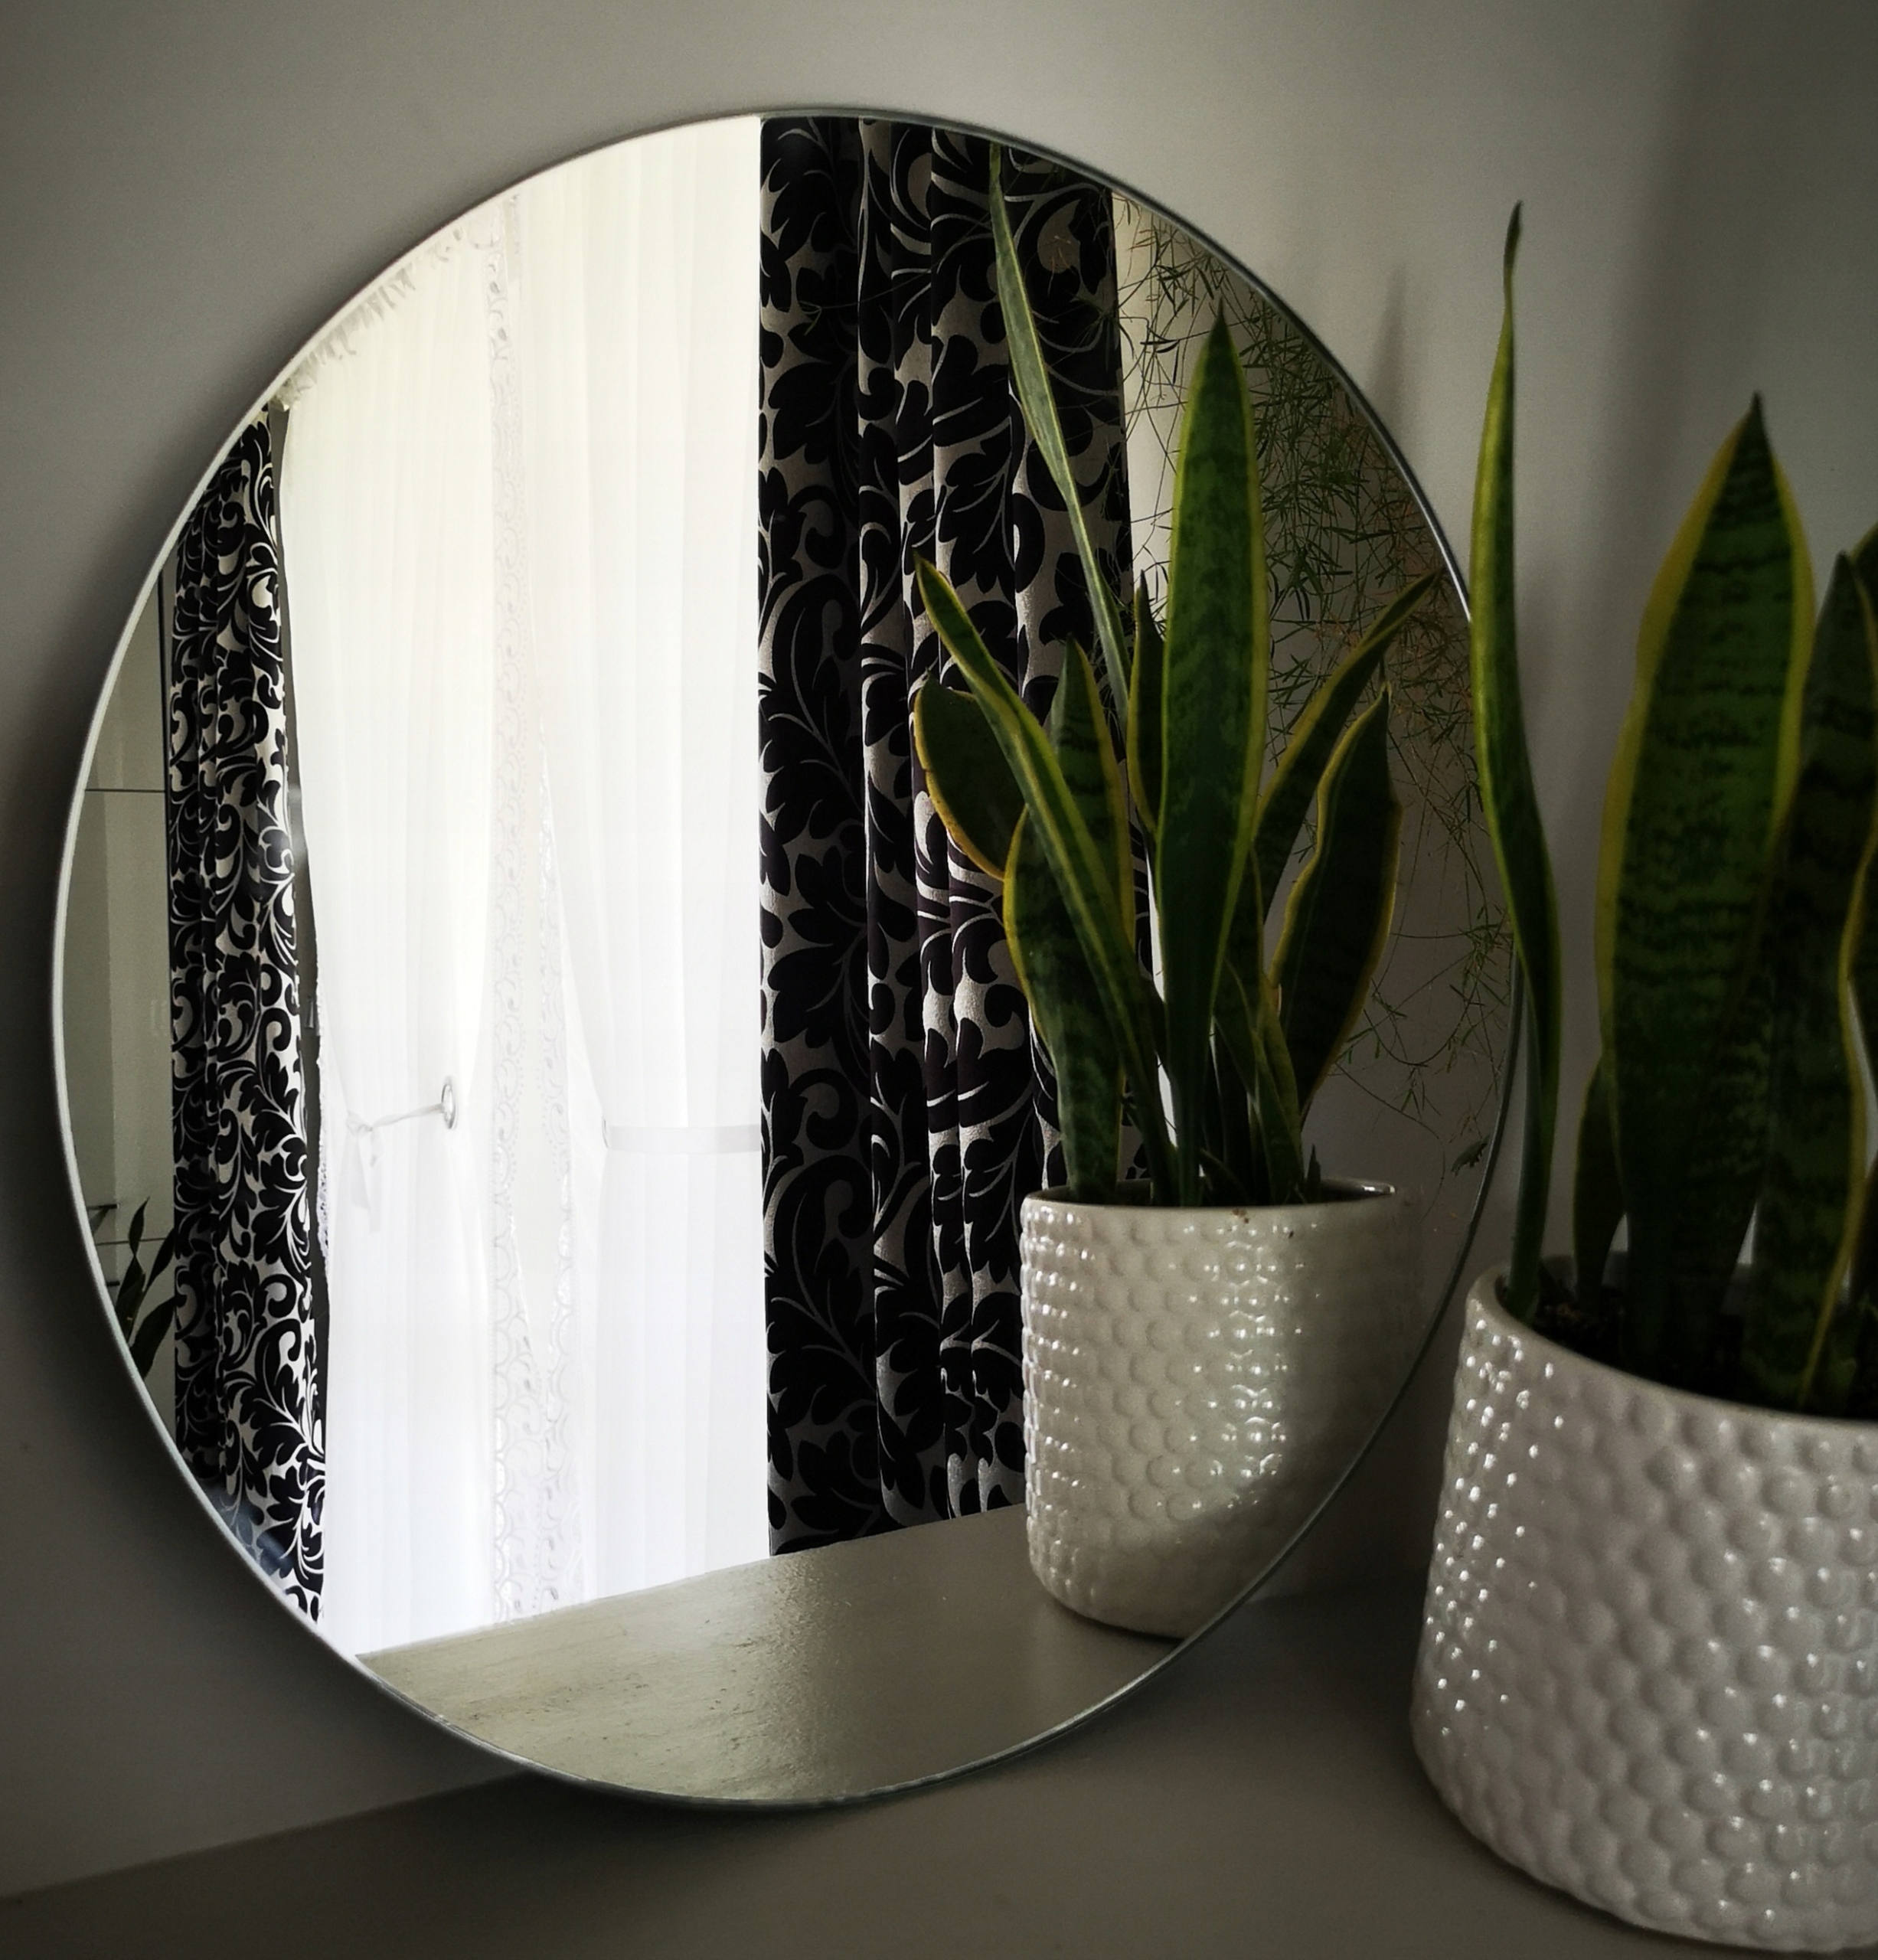 Kruhové zrkadlo, leštené, priemer 70 cm, OCHRANNÁ FÓLIA